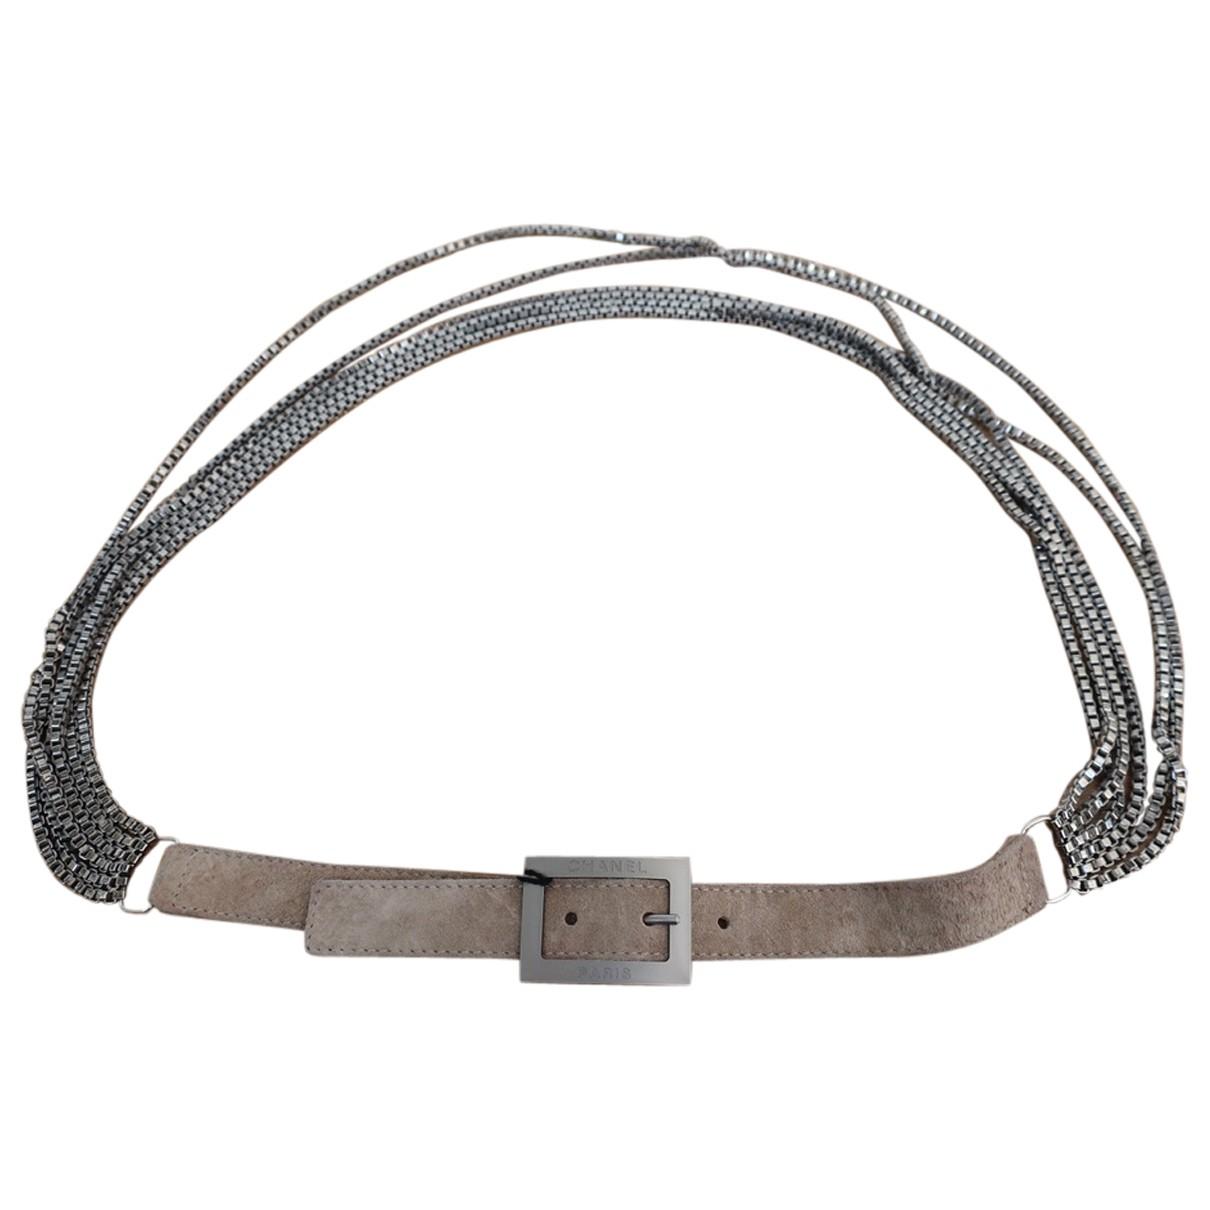 Chanel \N Beige Metal belt for Women 90 cm